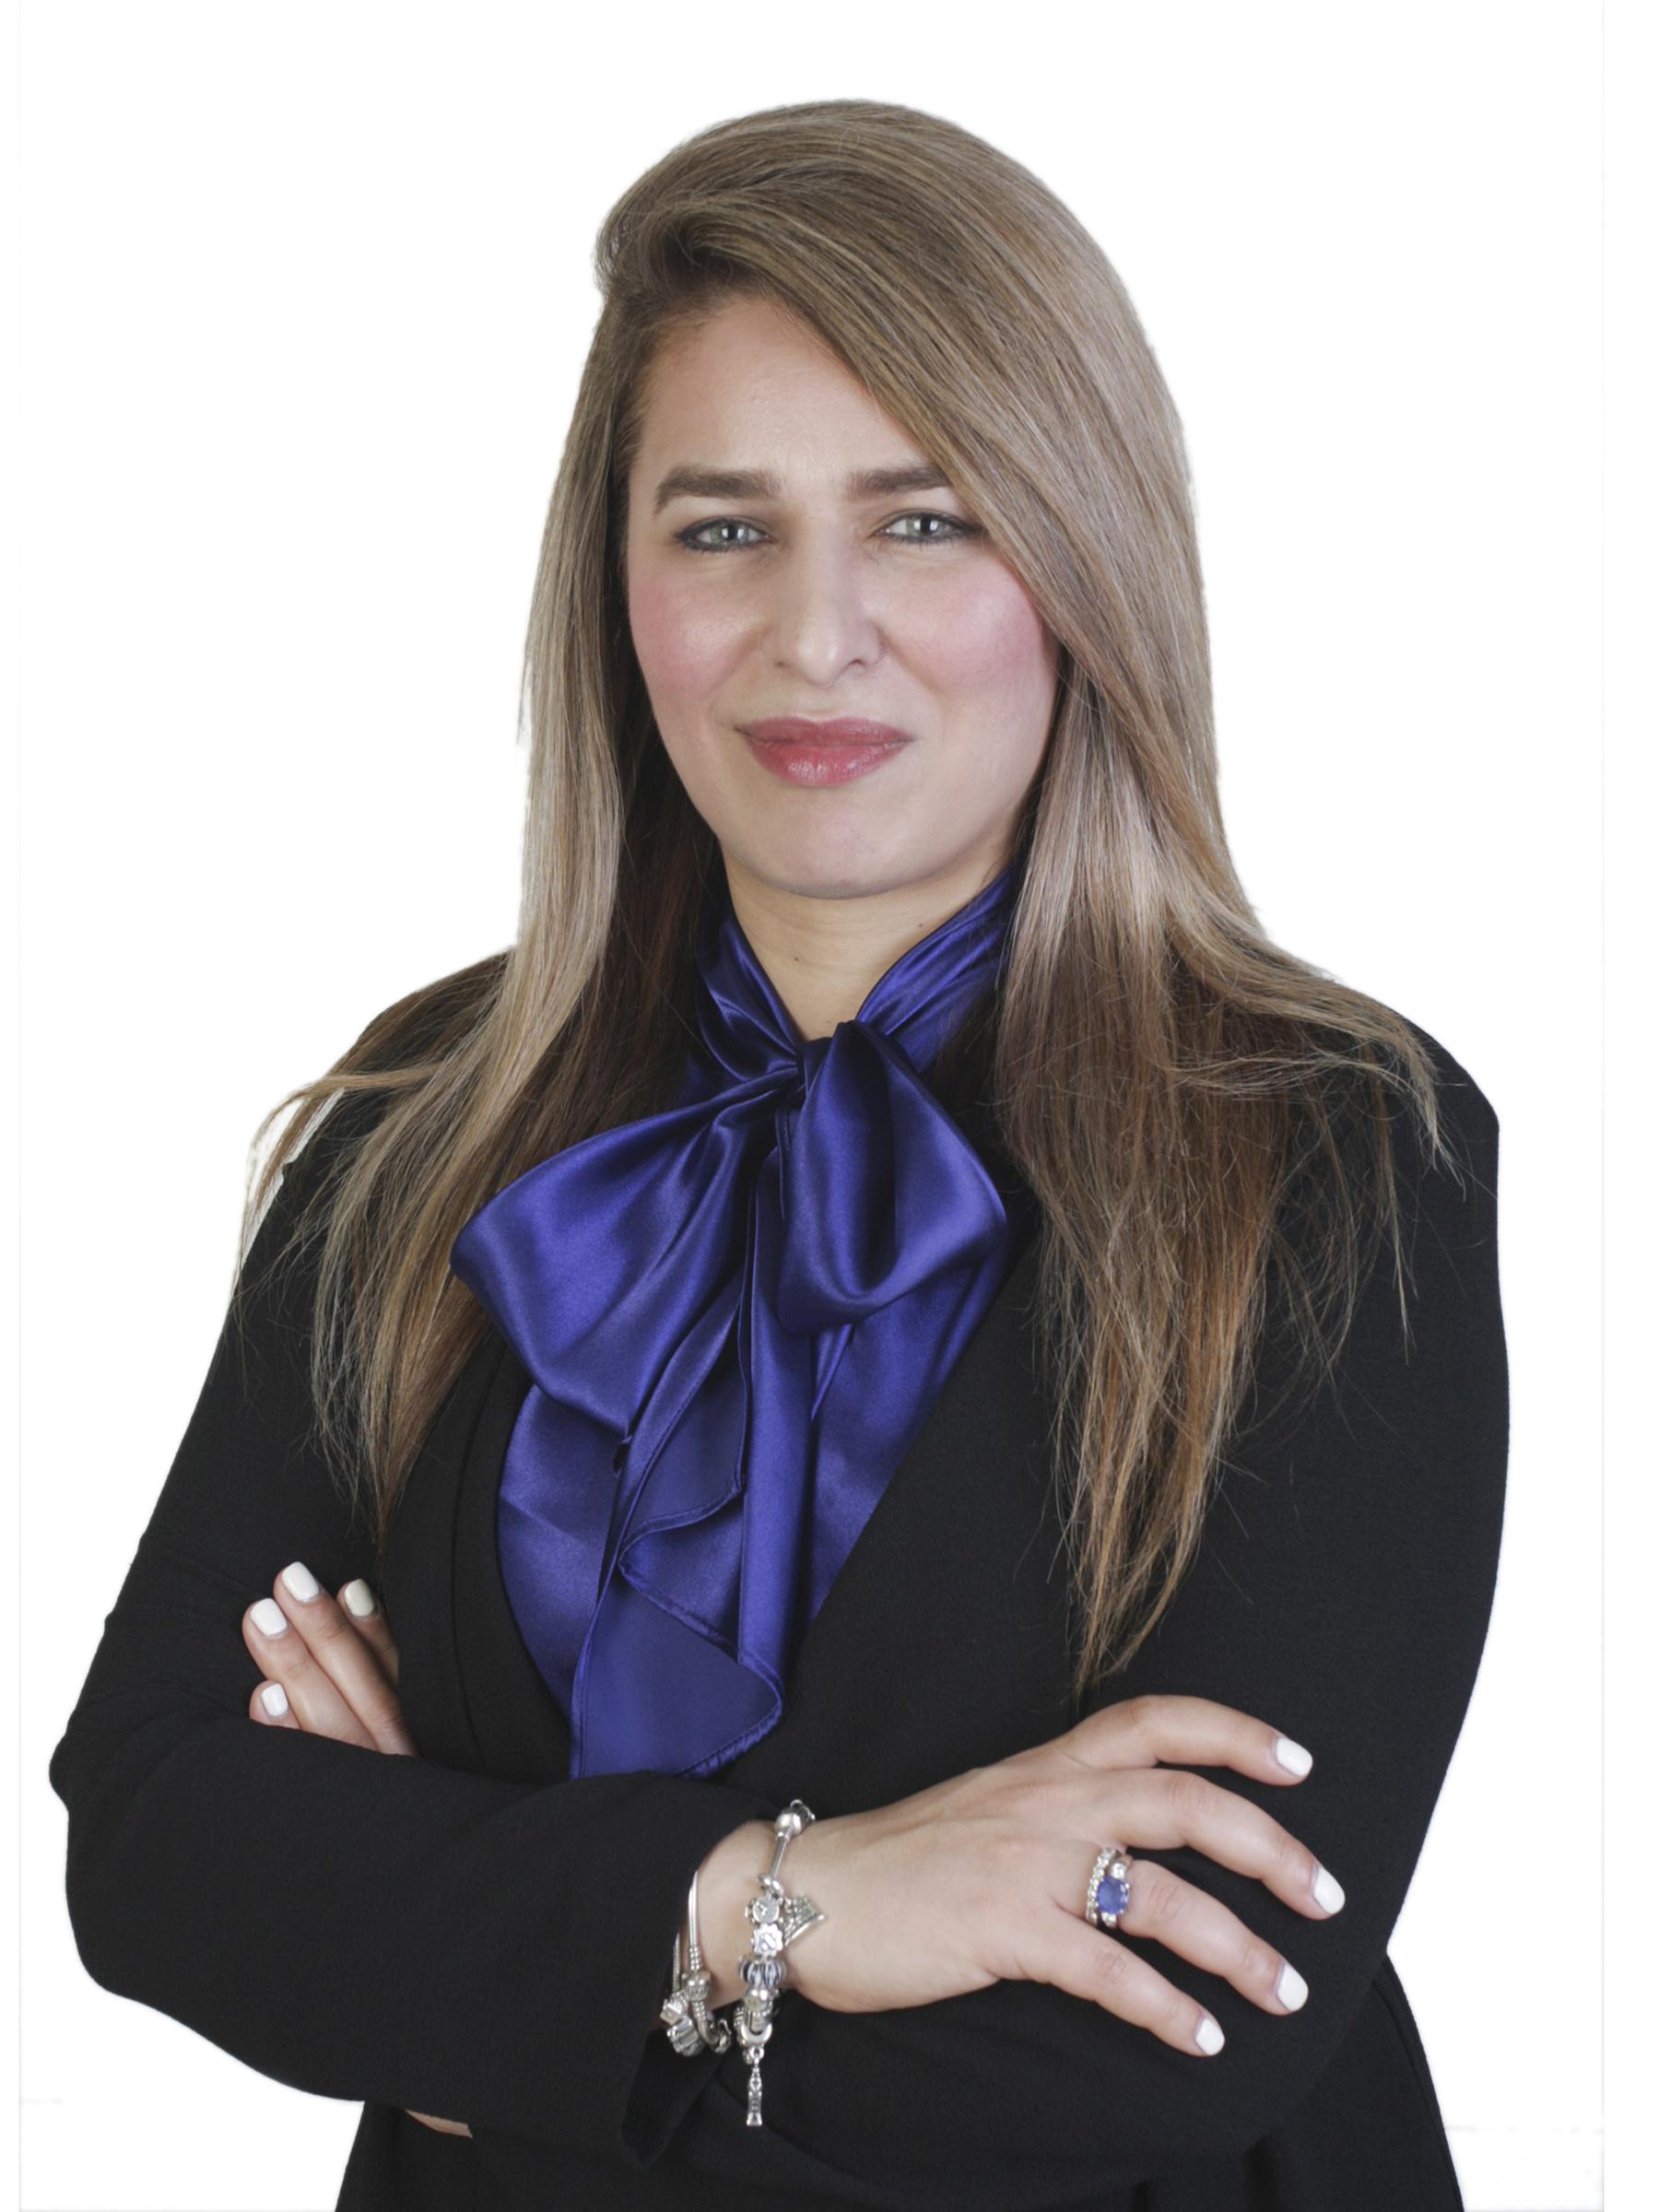 Nadia Black